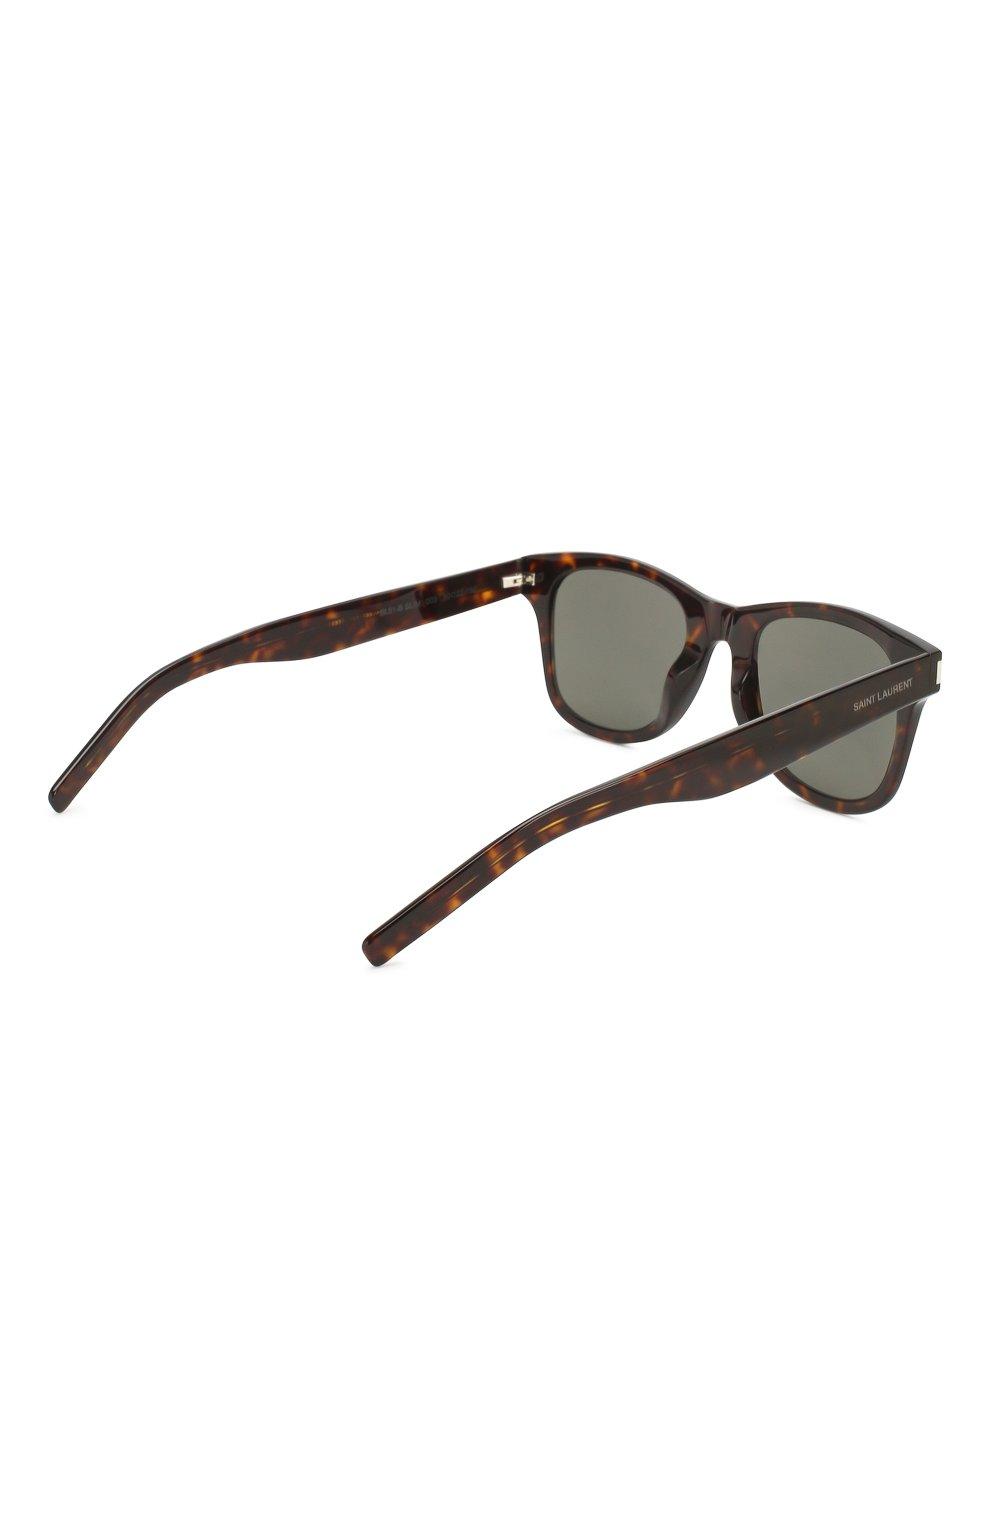 Женские солнцезащитные очки SAINT LAURENT коричневого цвета, арт. SL 51-B SLIM 003 | Фото 4